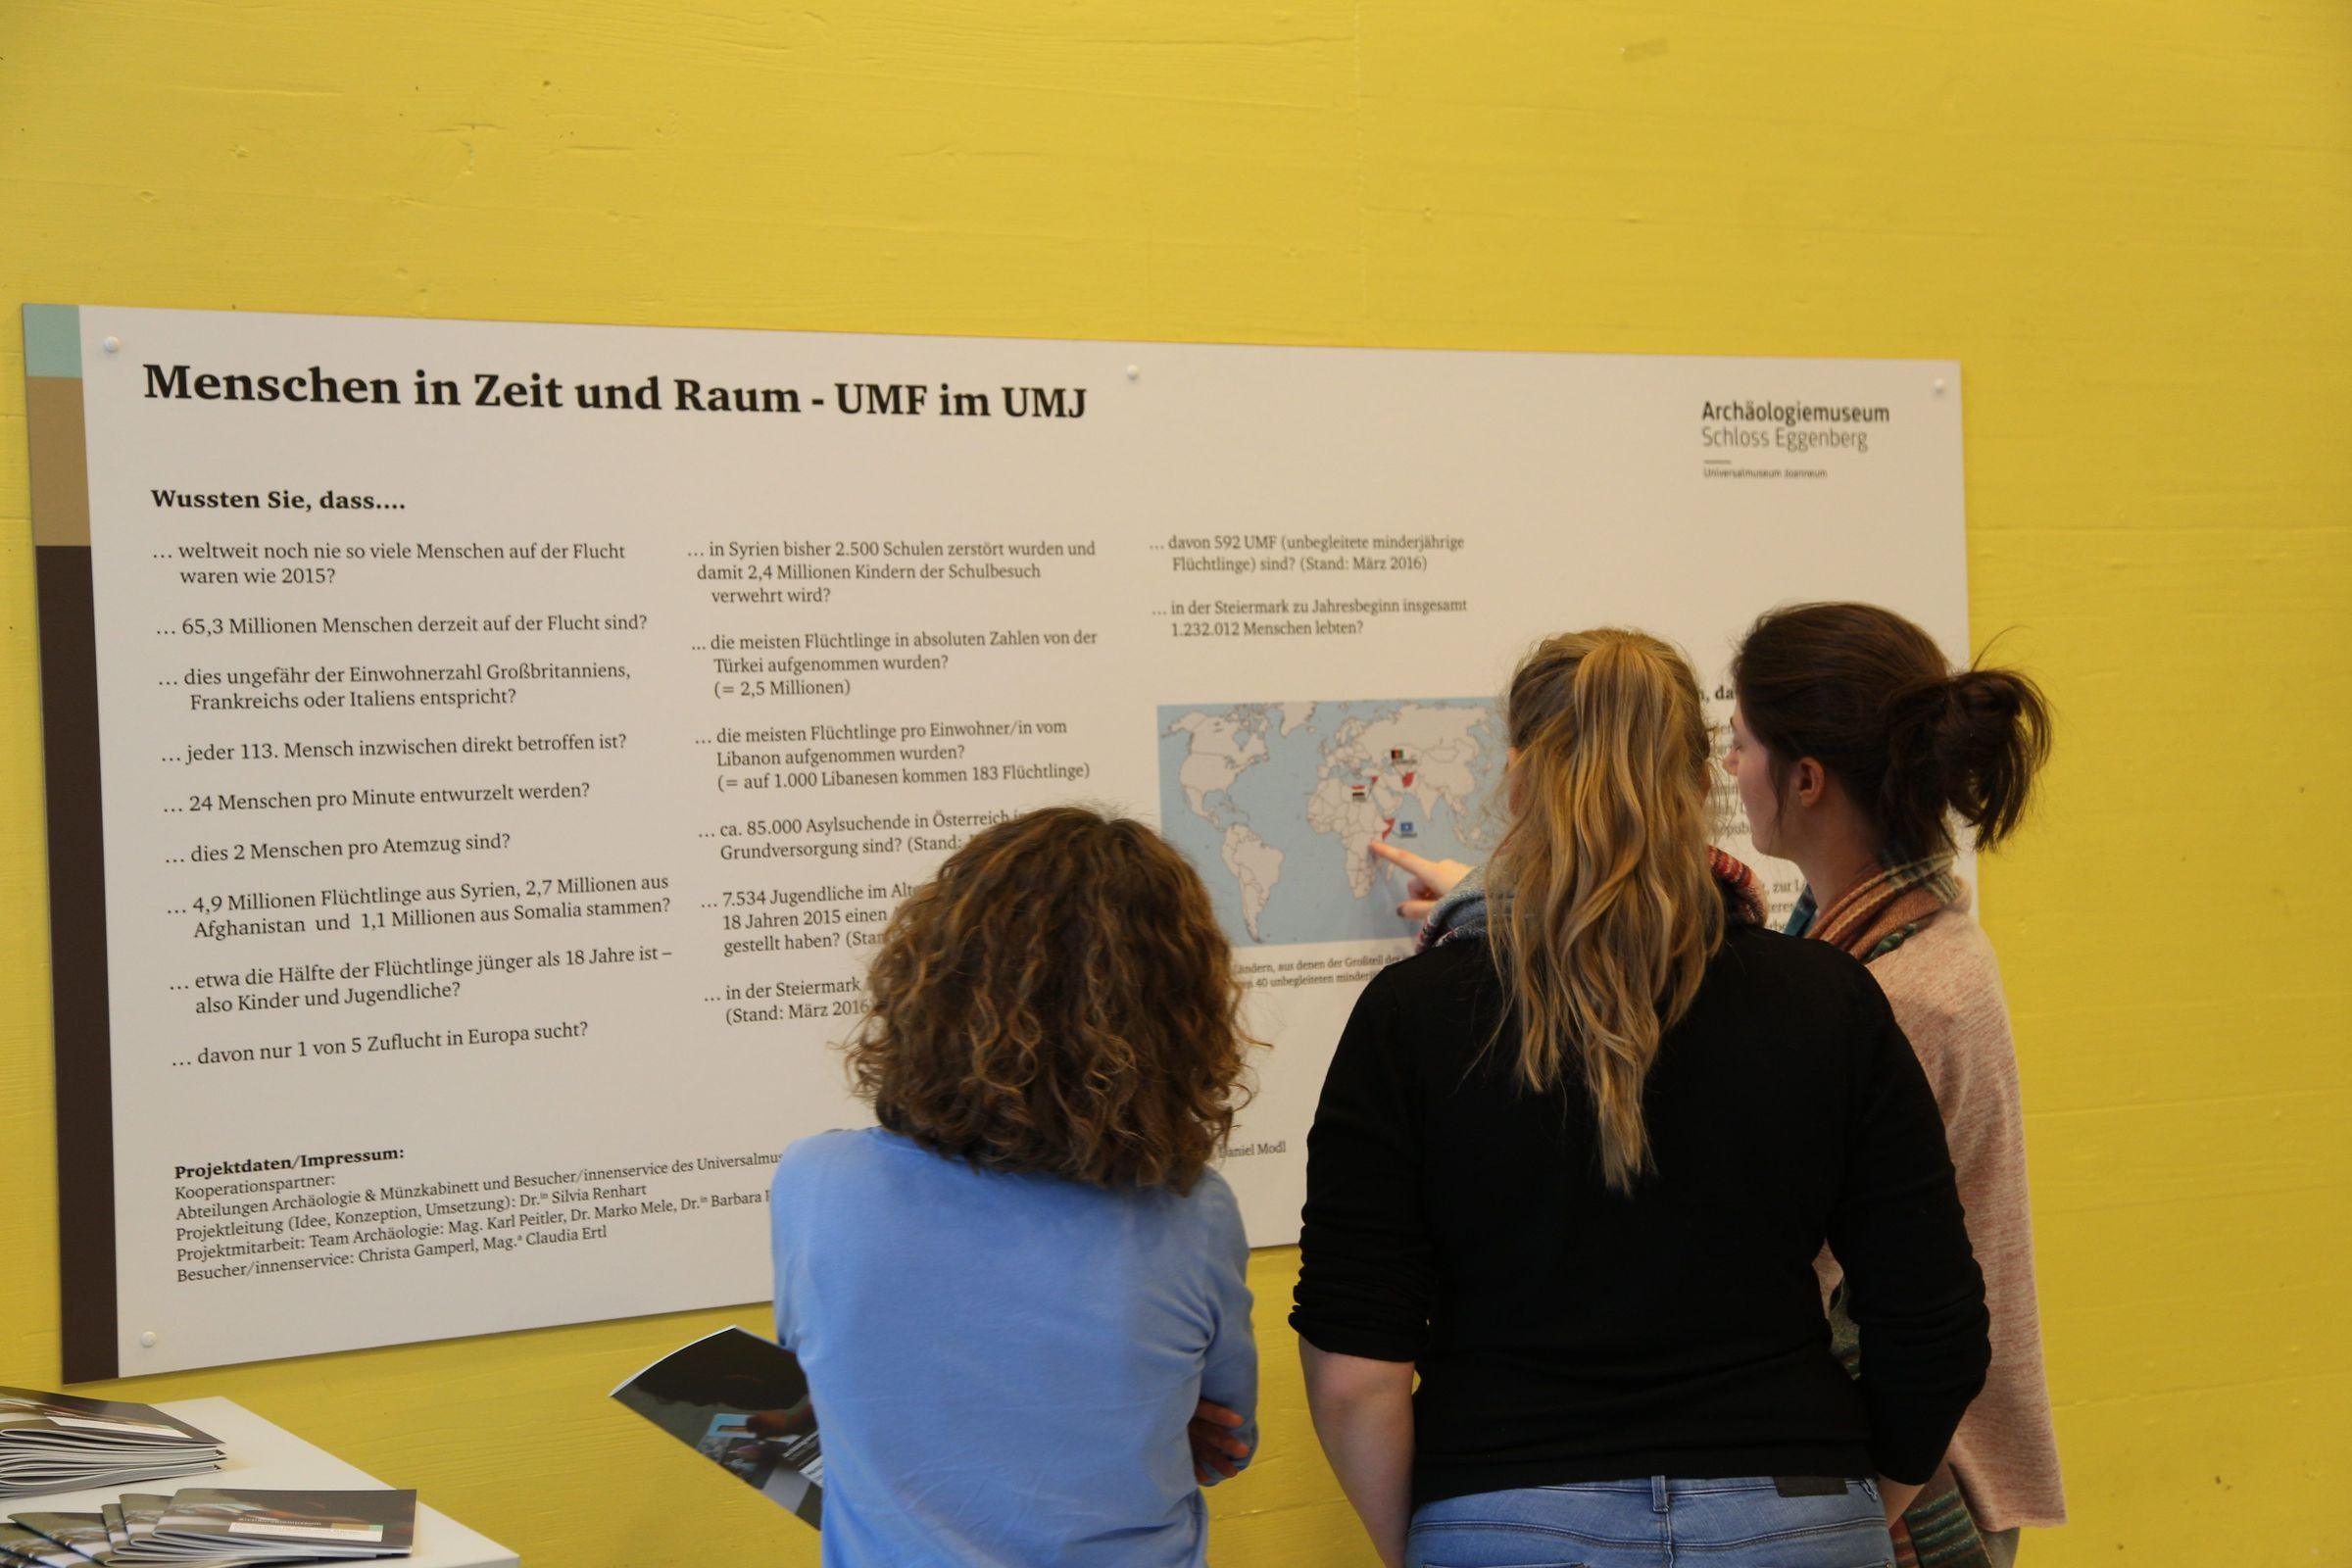 Die Ausstellung ist in der Eggenberger Allee 11 am Campus der FH JOANNEUM in Graz zu sehen.